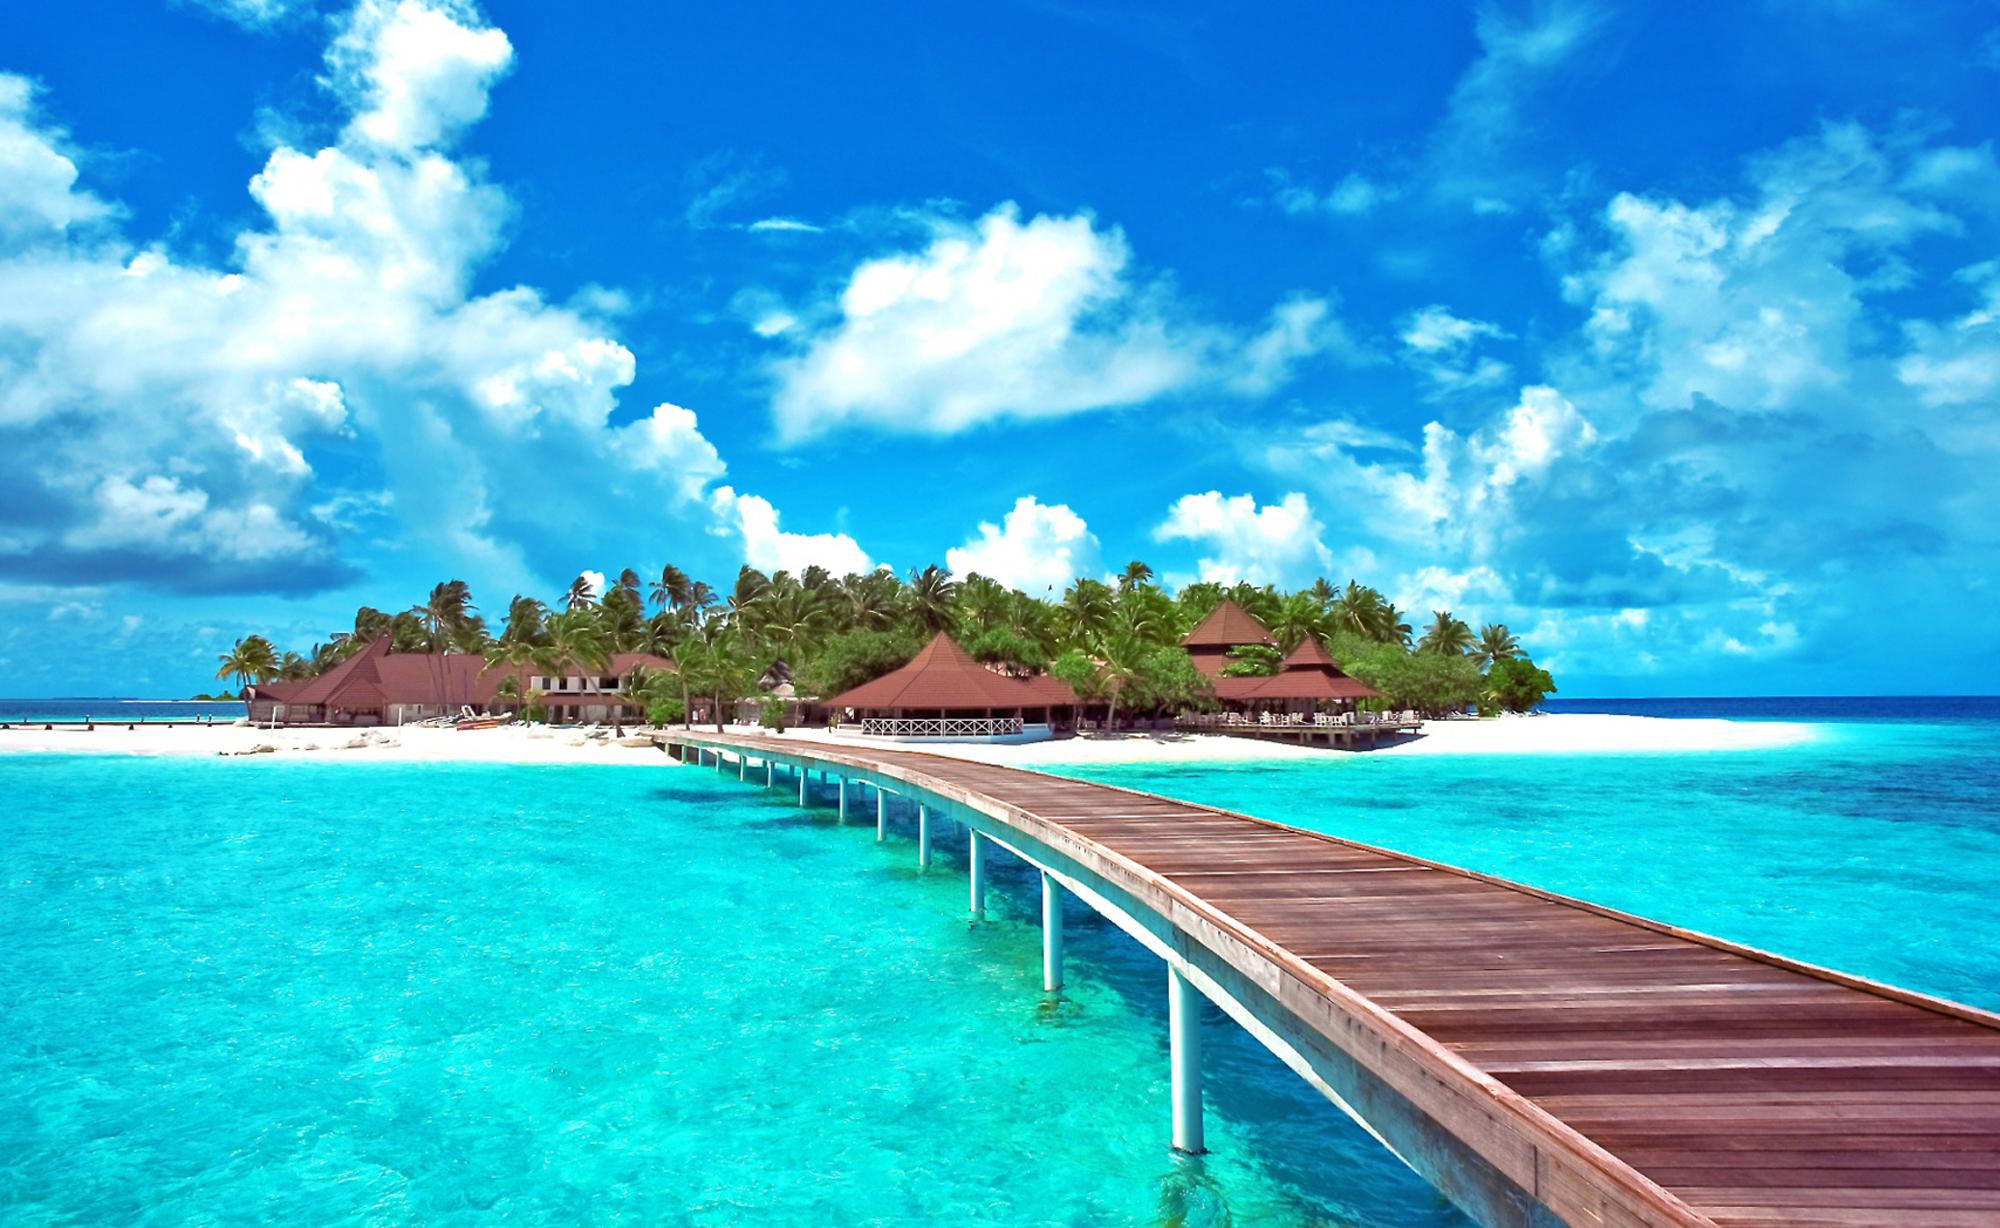 Pier to caribbean island hd duvar ka d arka plan 2000x1228 id 742362 wallpaper abyss - Fondos de escritorio verano ...